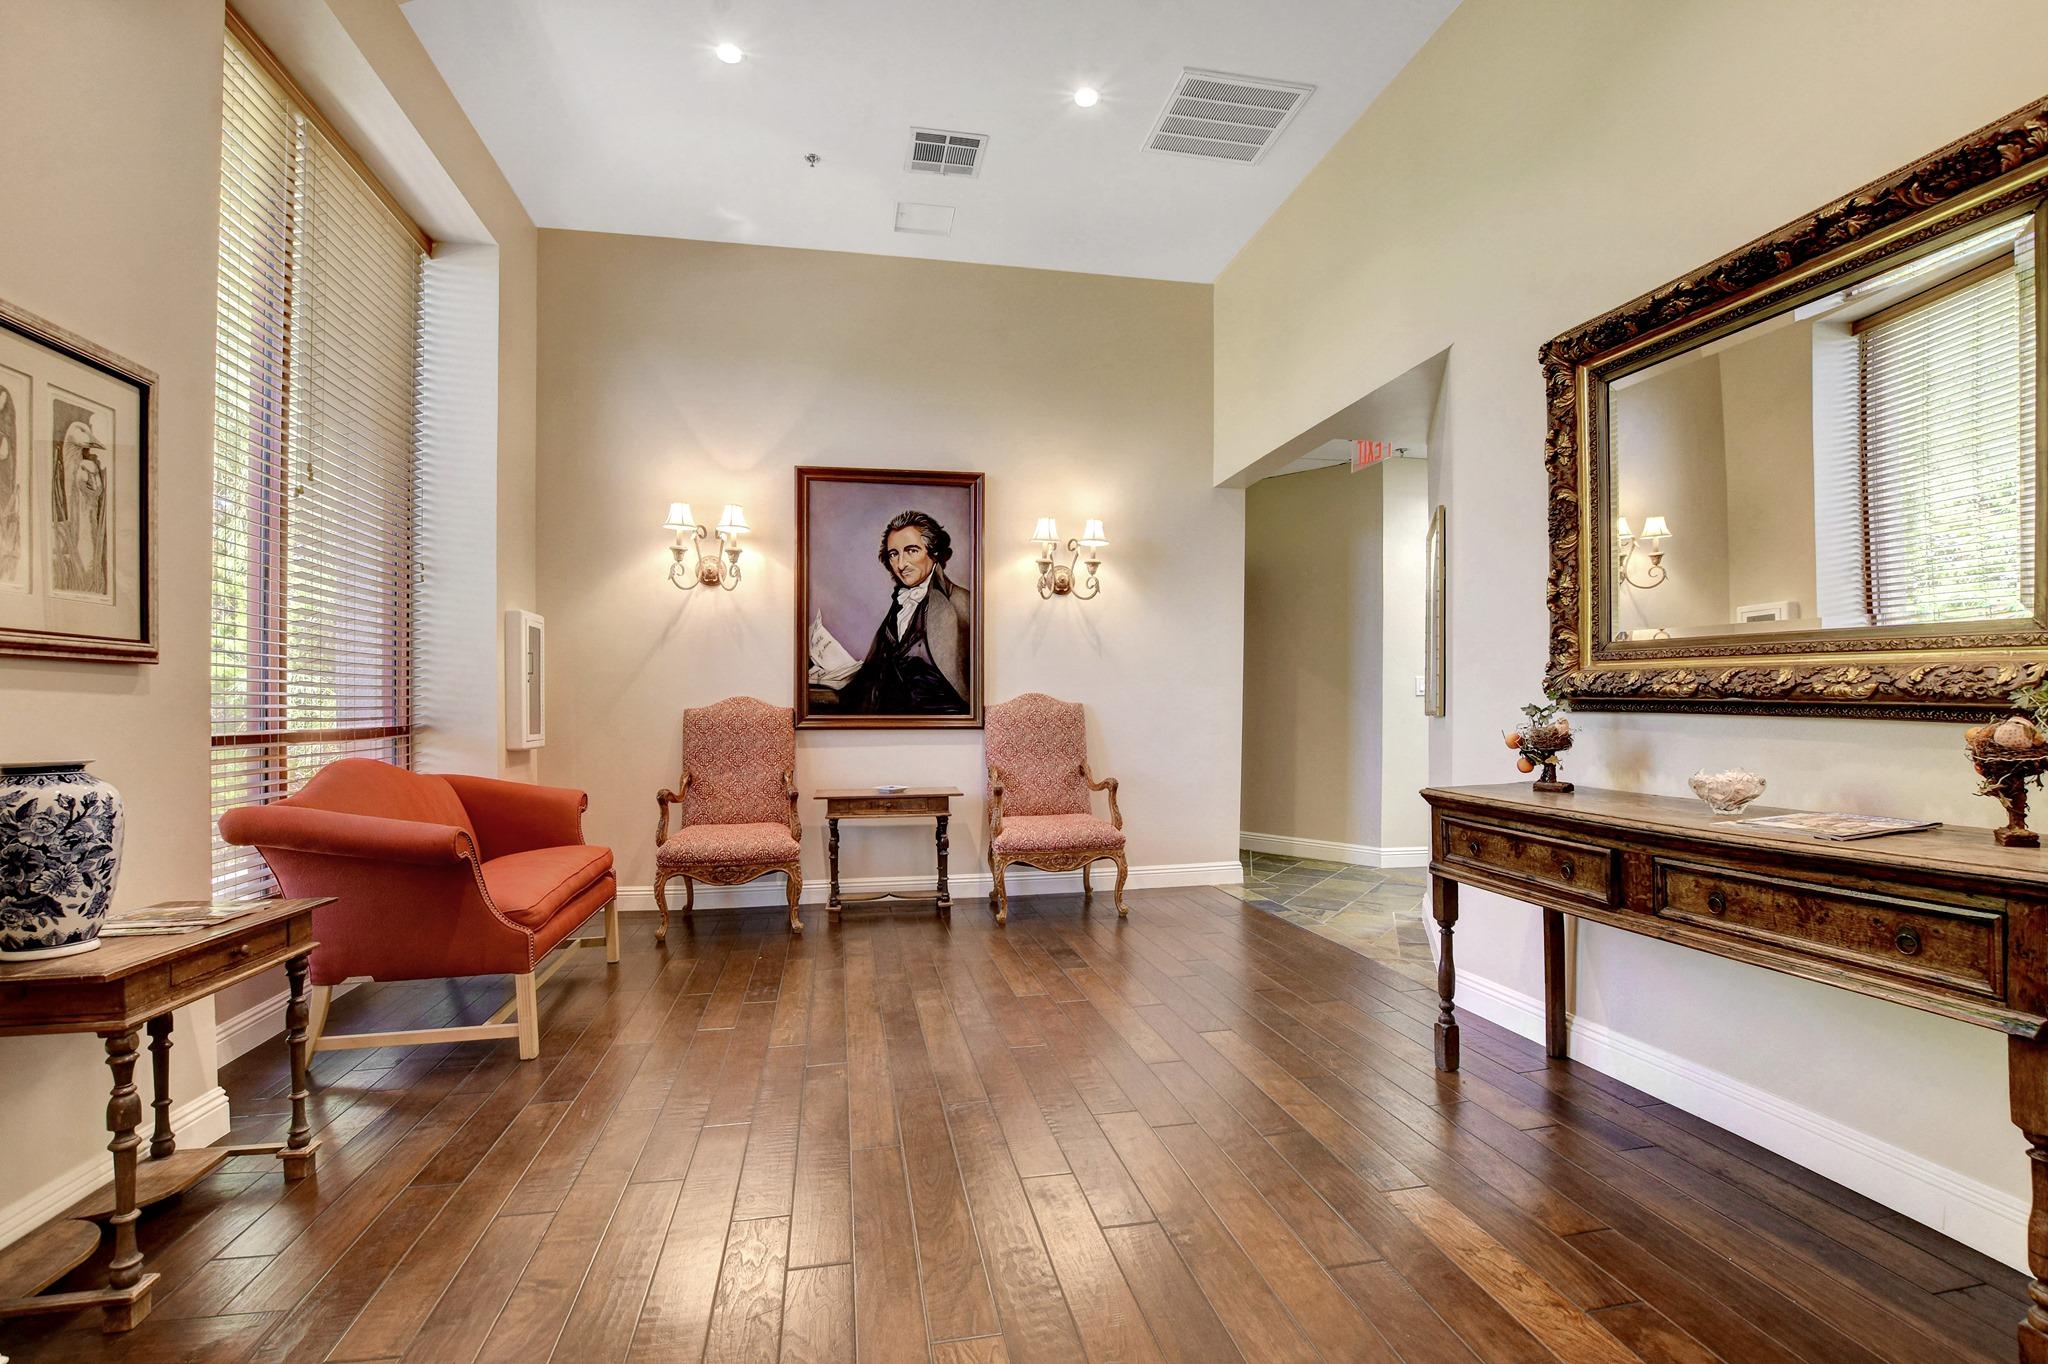 Las Vegas Busines Address - Lounge Area